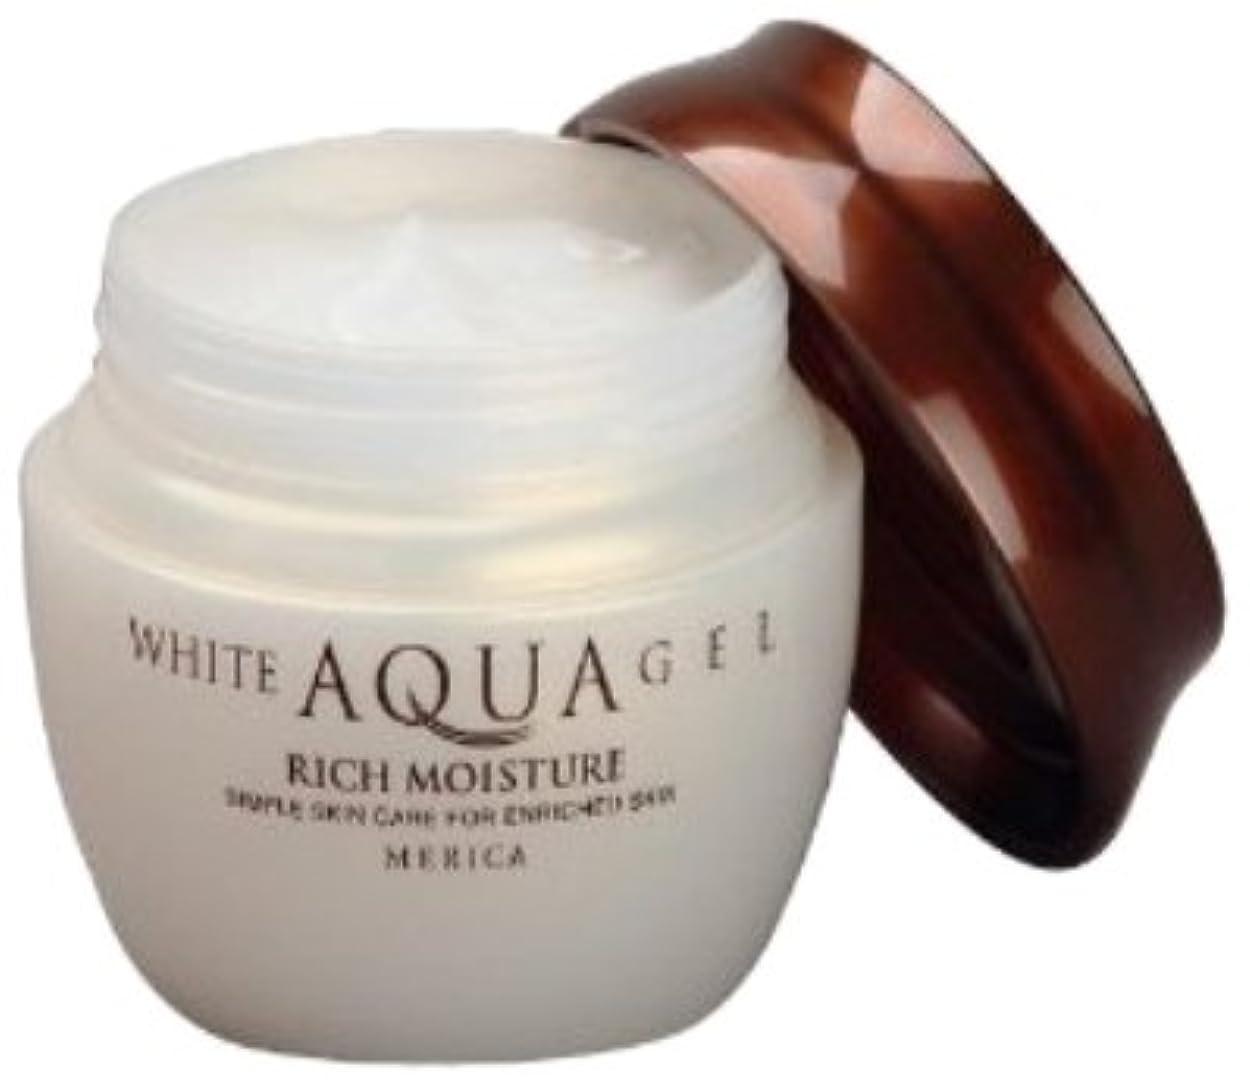 顎抑止する行商メリカ 薬用ホワイトアクアゲル リッチモイスチャー150g